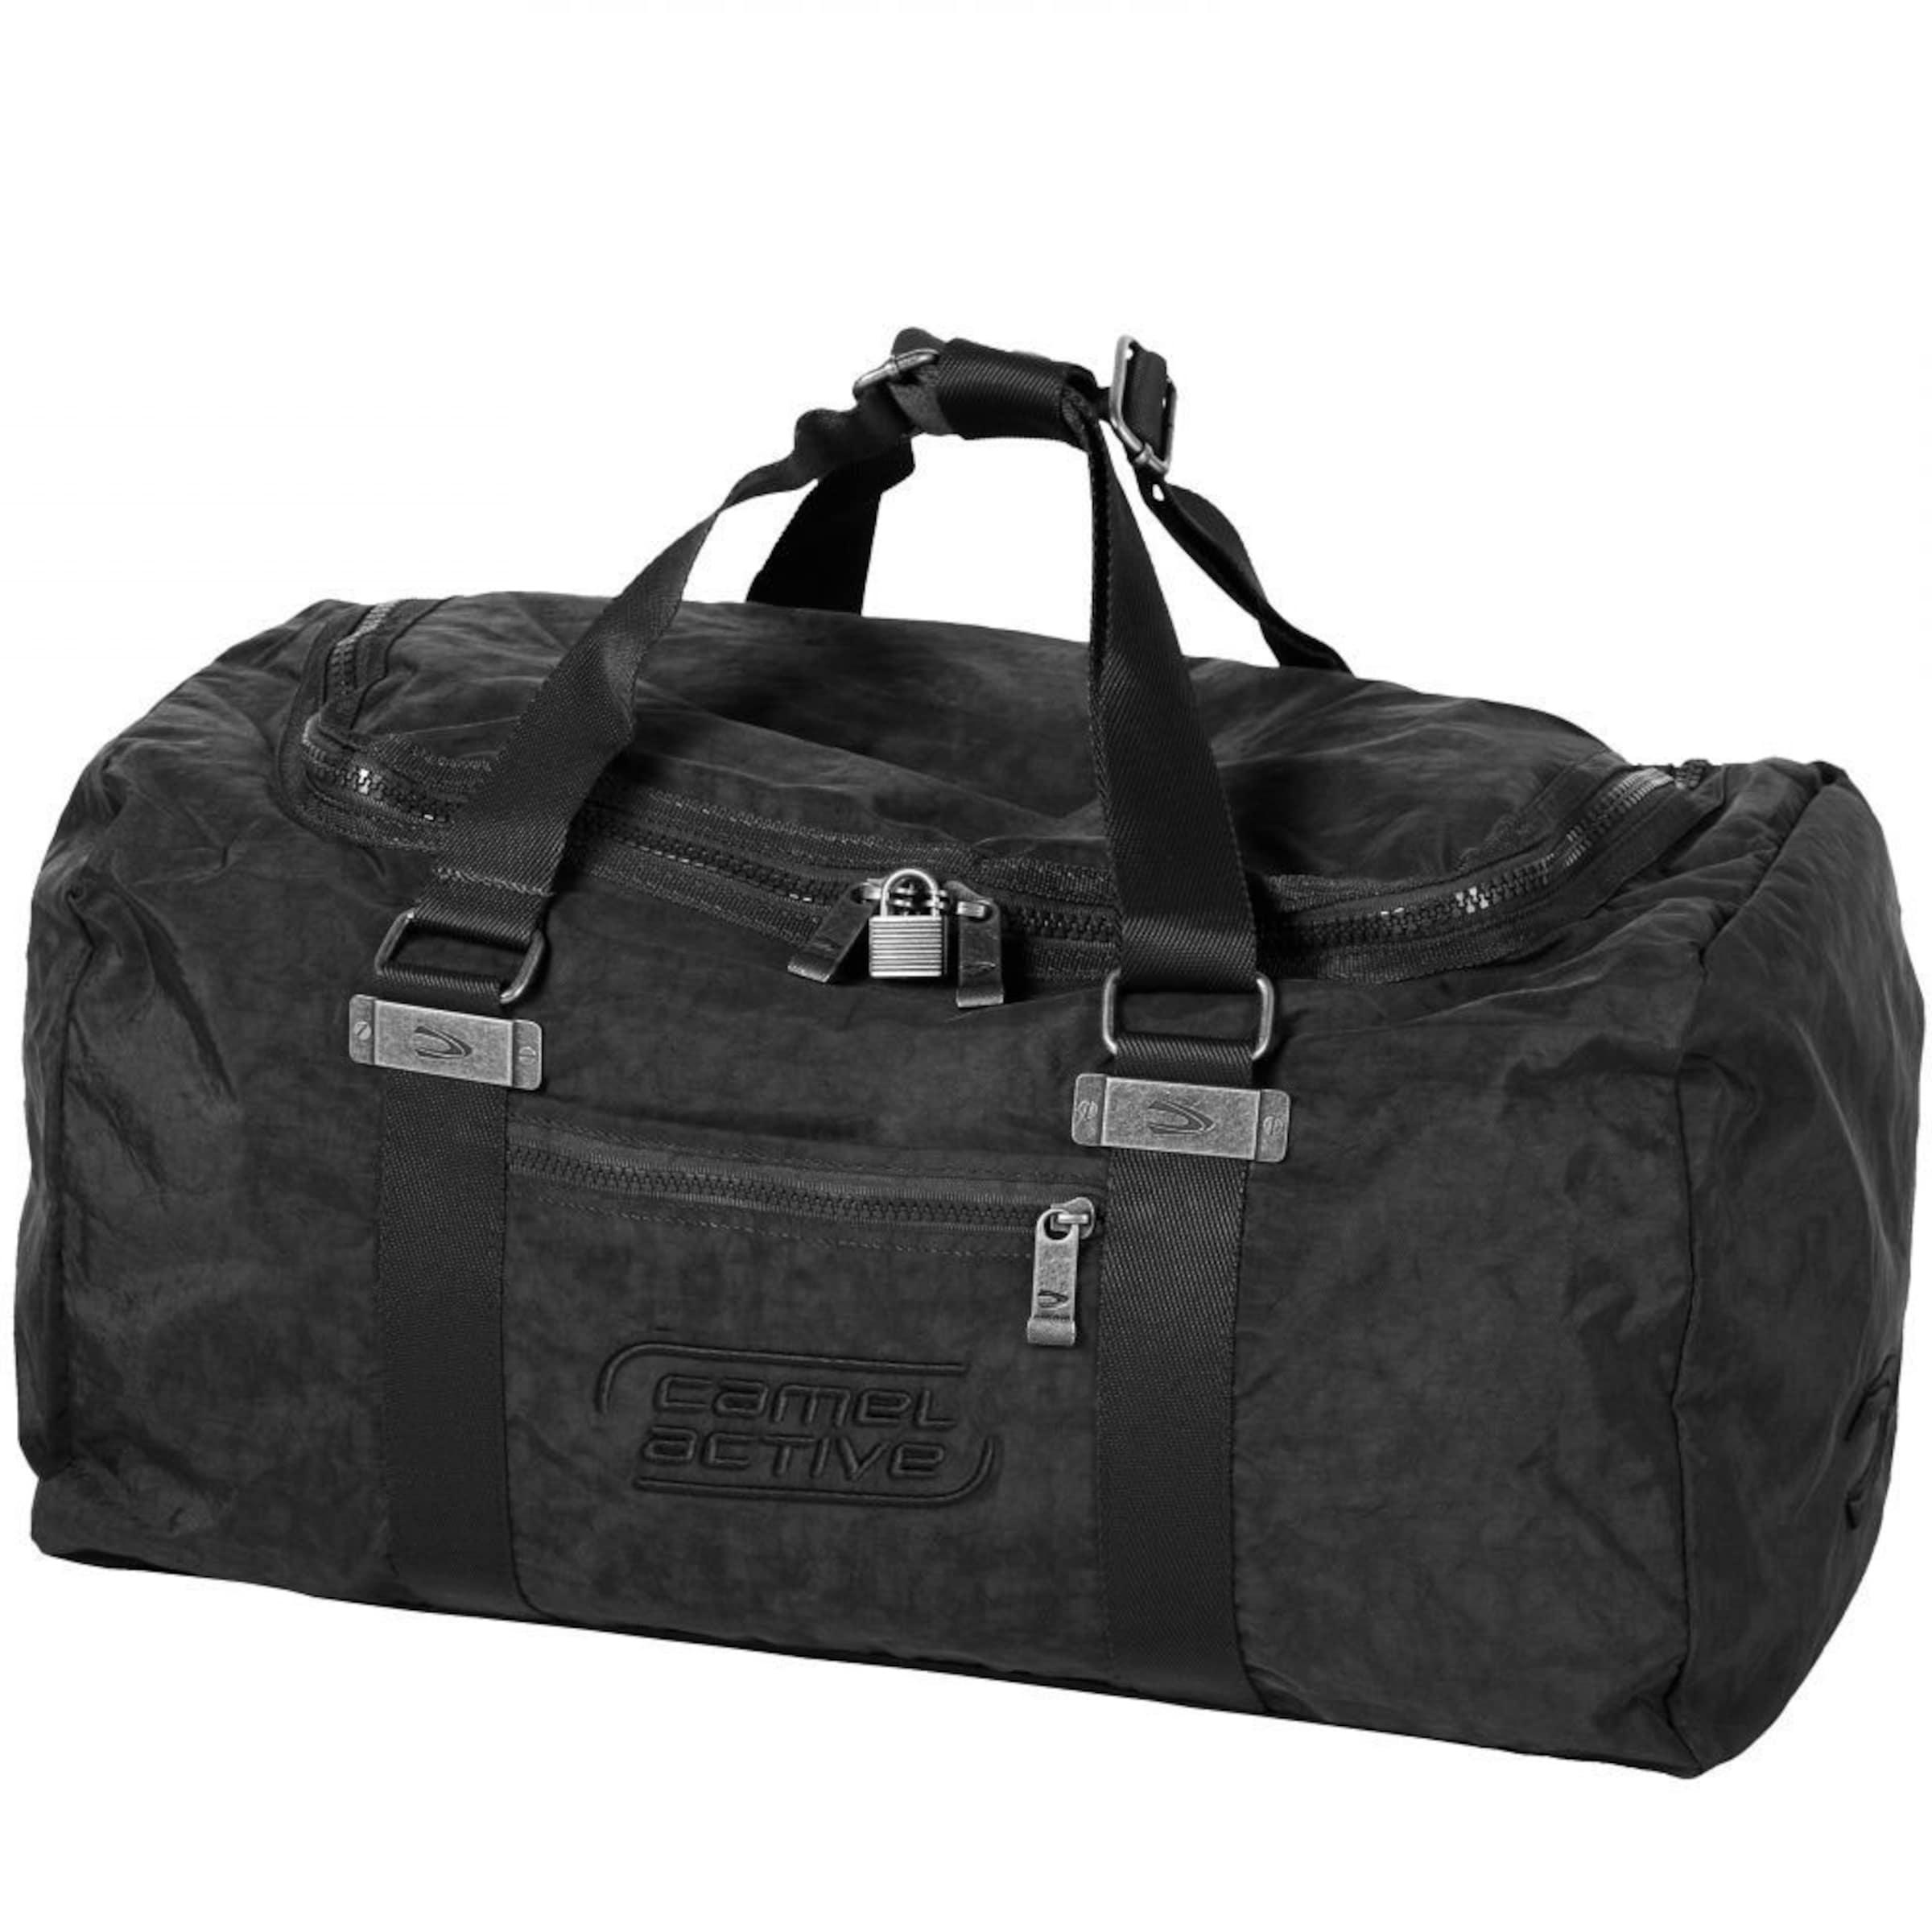 CAMEL ACTIVE Journey Reisetasche Freies Verschiffen Shop OPKQKlMSd